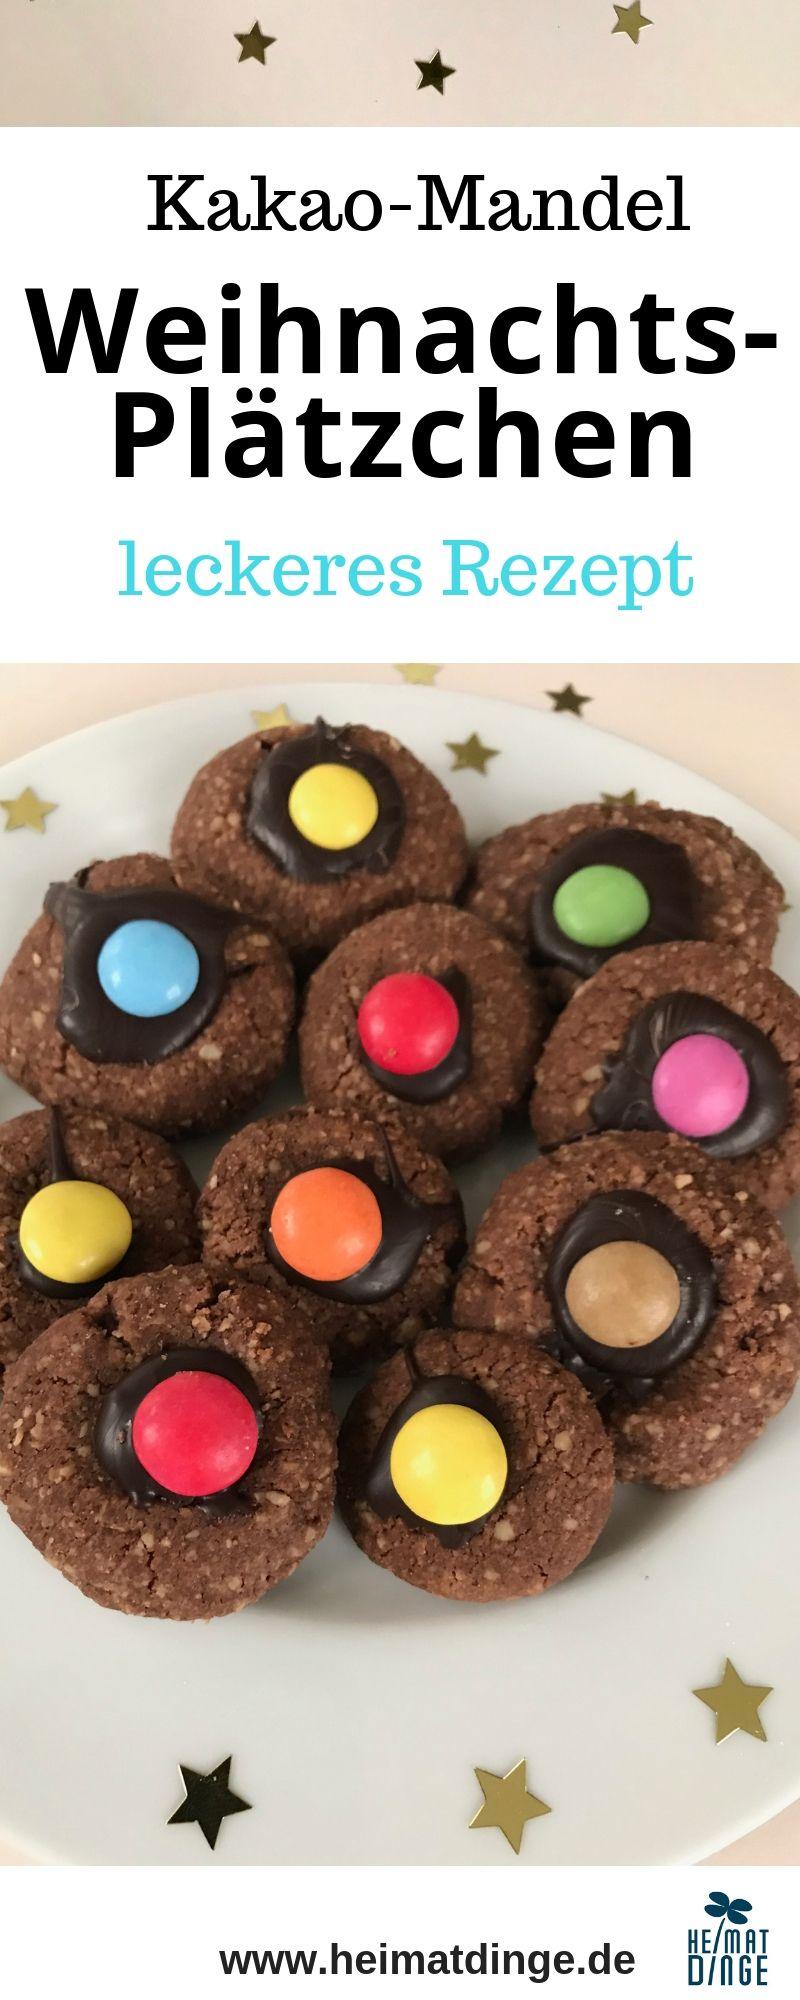 Kakao-Mandel-Plätzchen: Rezept für himmlische Weihnachtsplätzchen